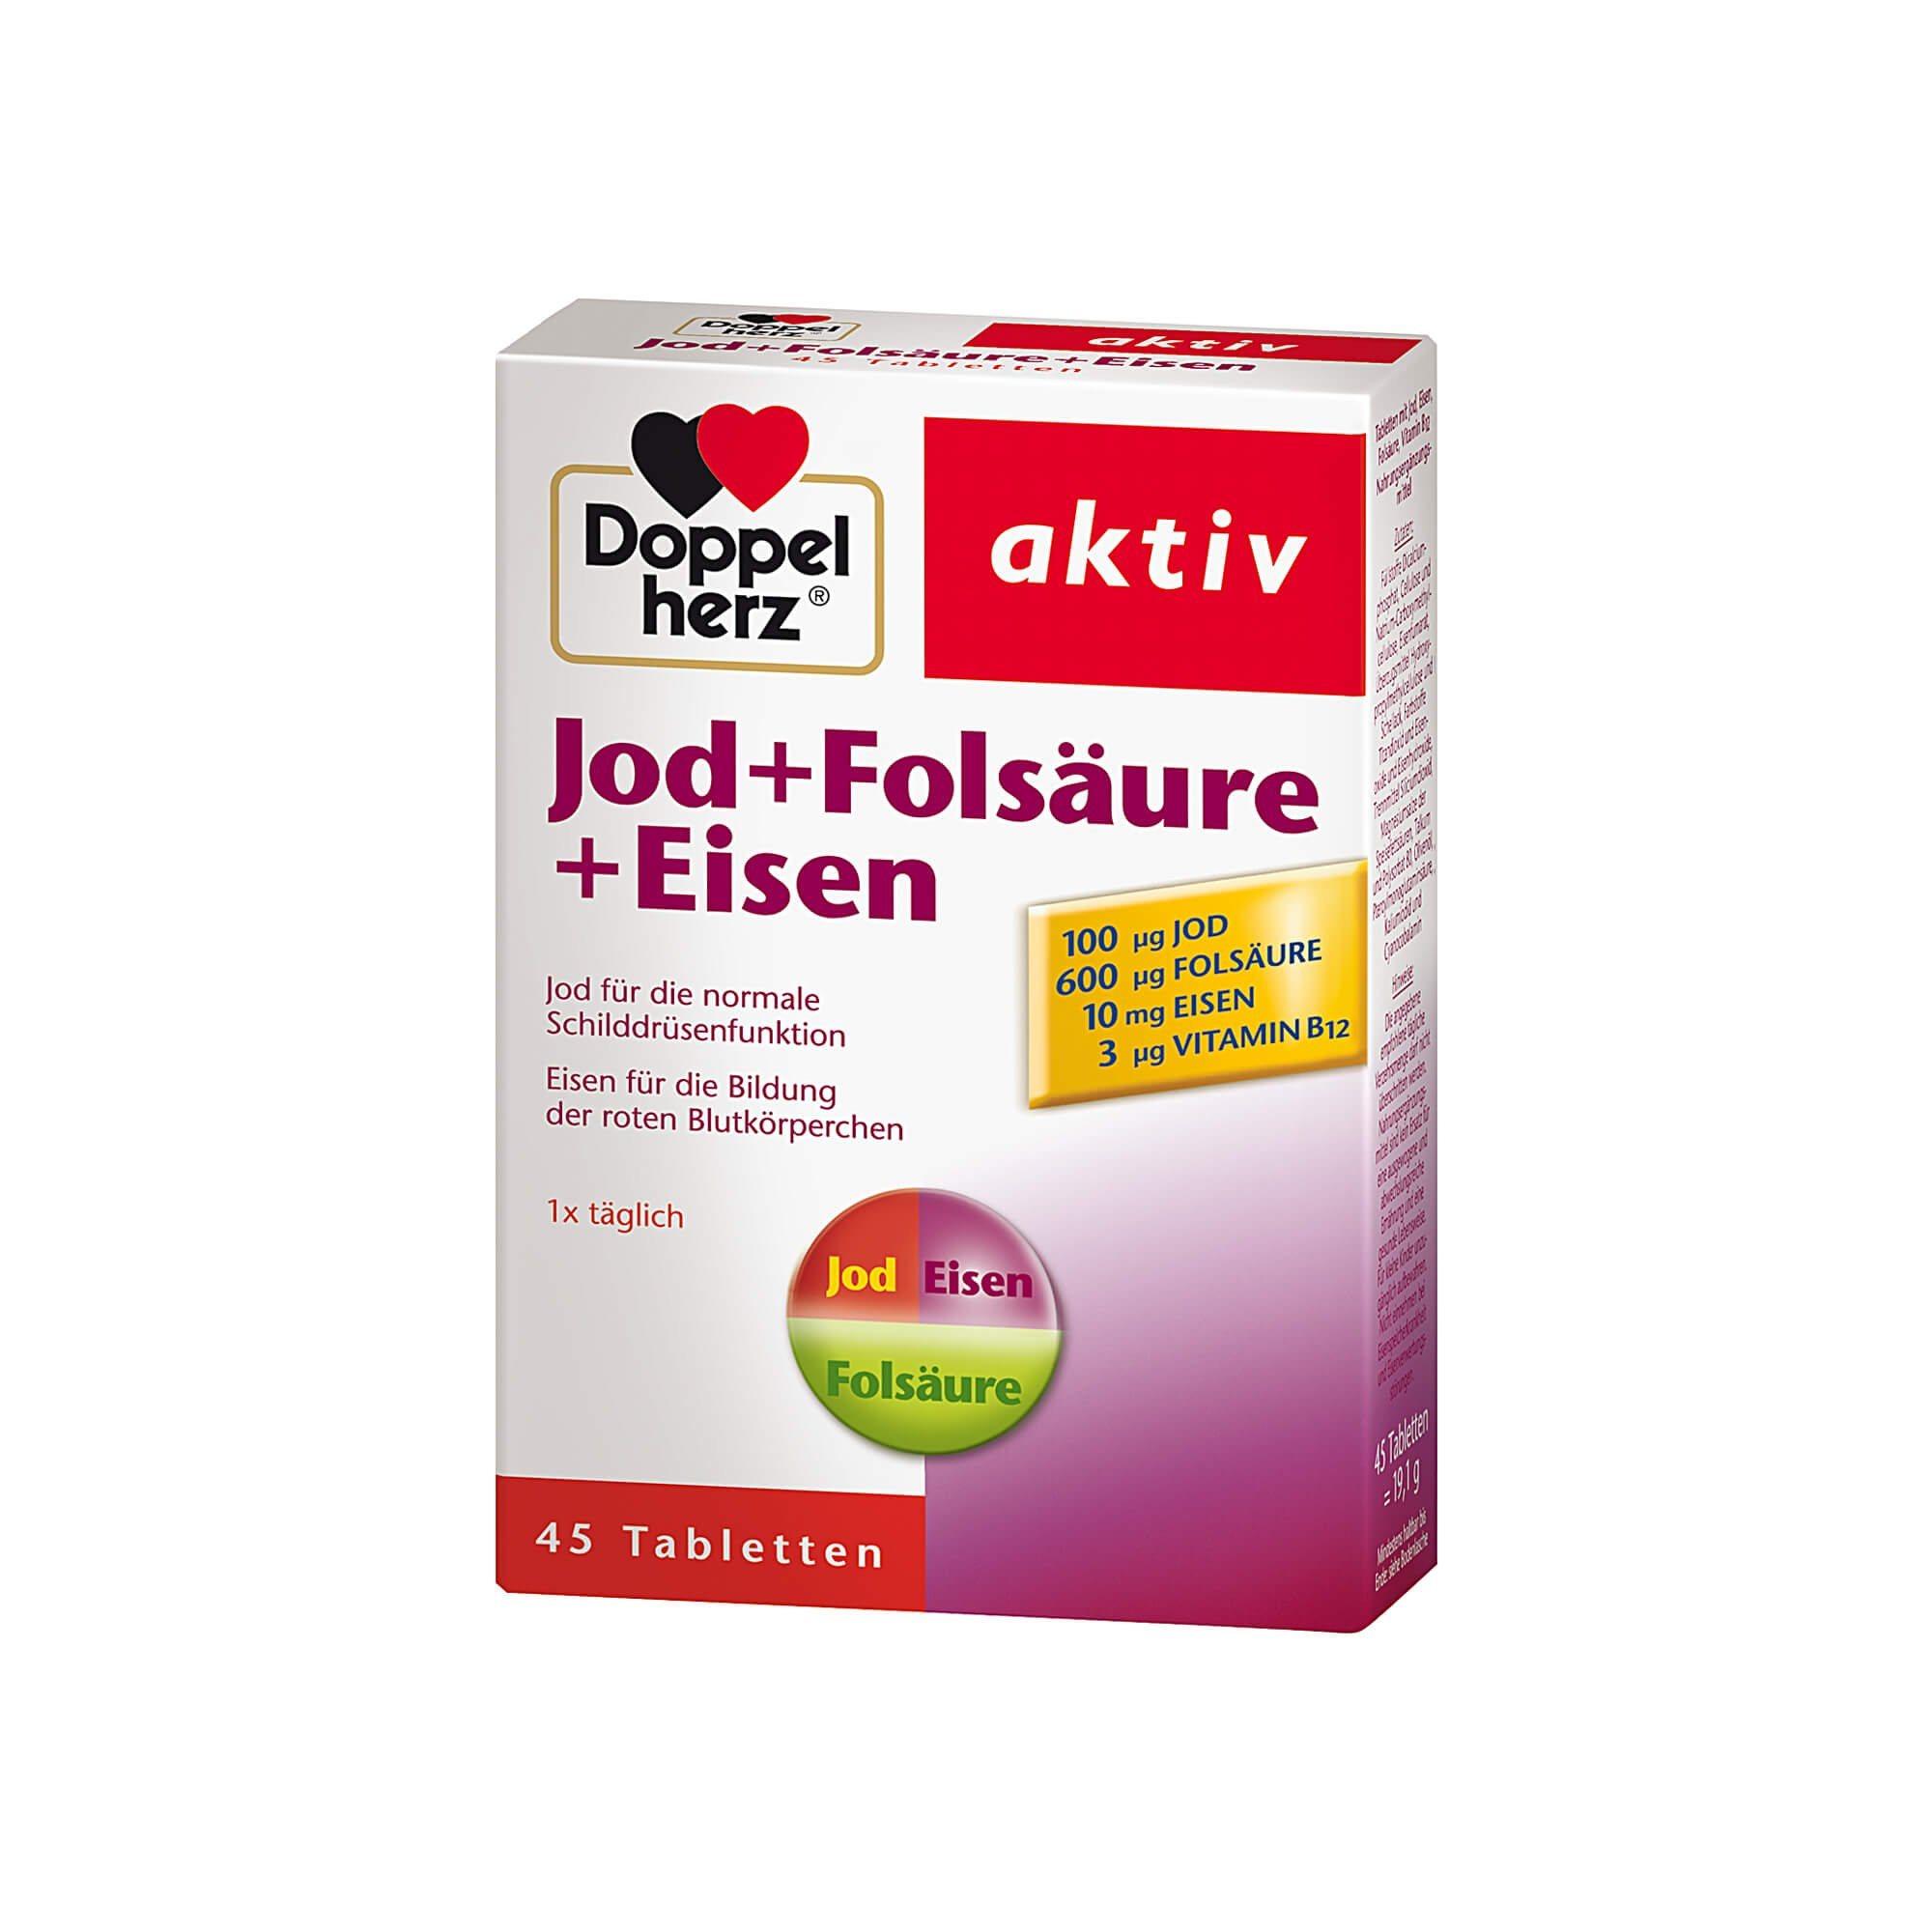 Doppelherz Jod + Folsäure + Eisen aktiv , 45 St